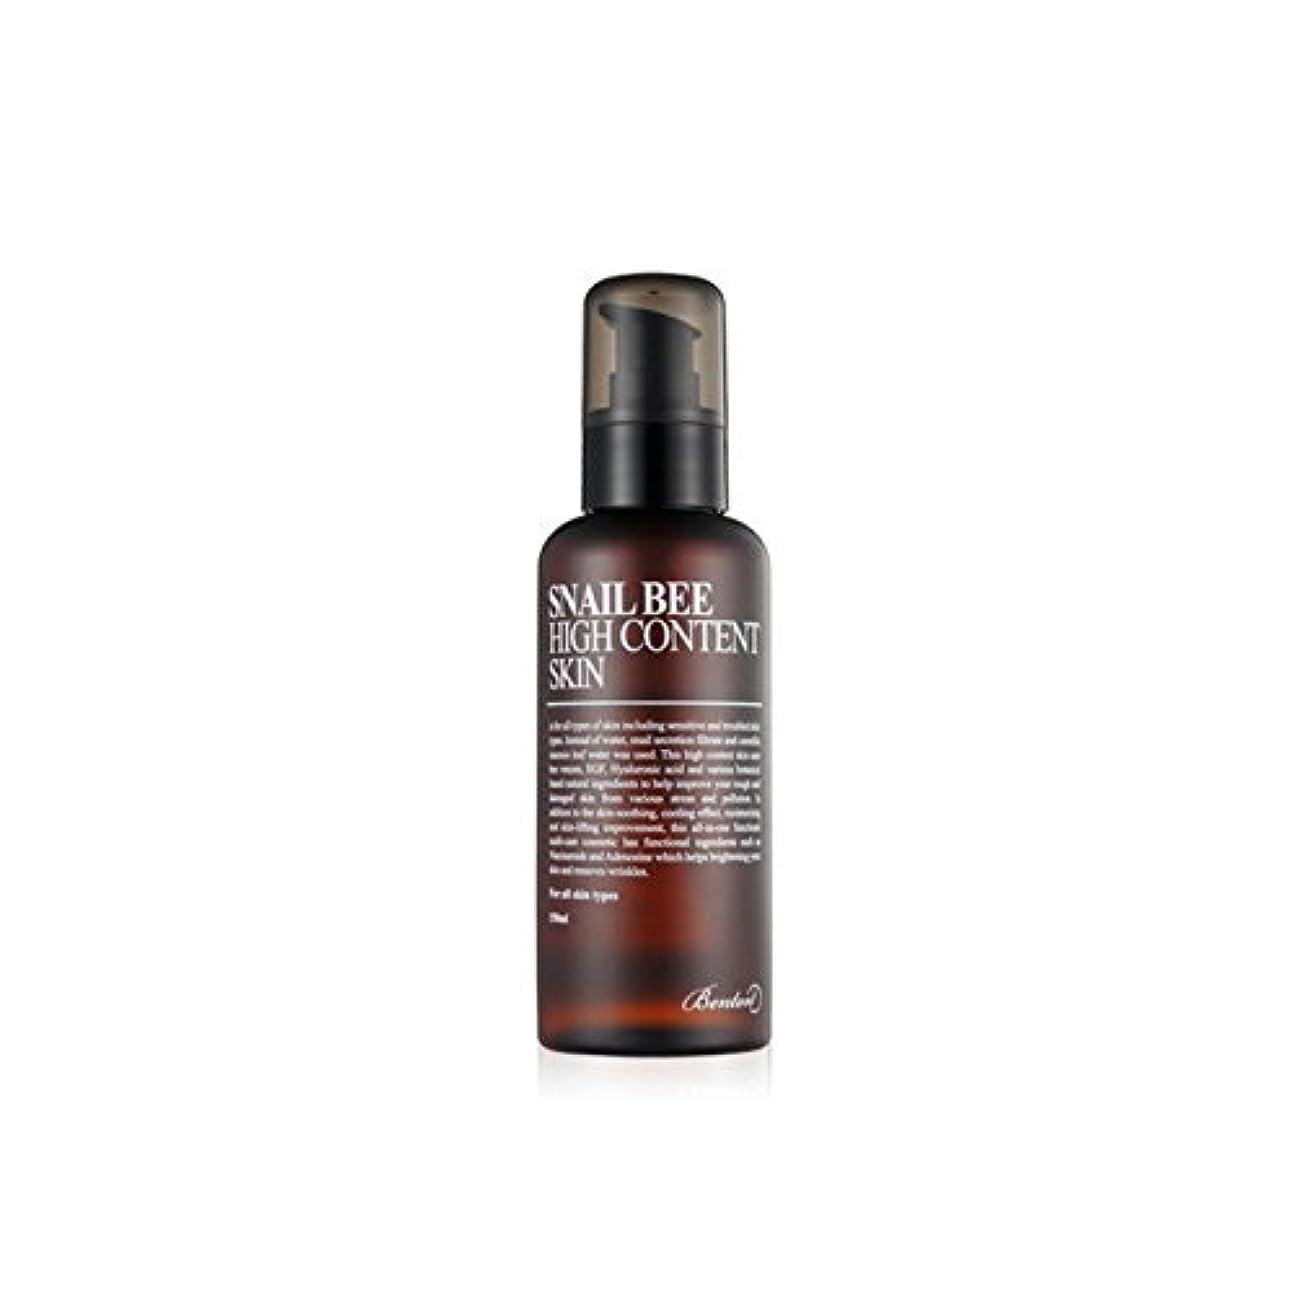 [ベントン] Benton カタツムリ蜂高含量スキントナー Snail Bee High Content Skin Toner 150ml [並行輸入品]